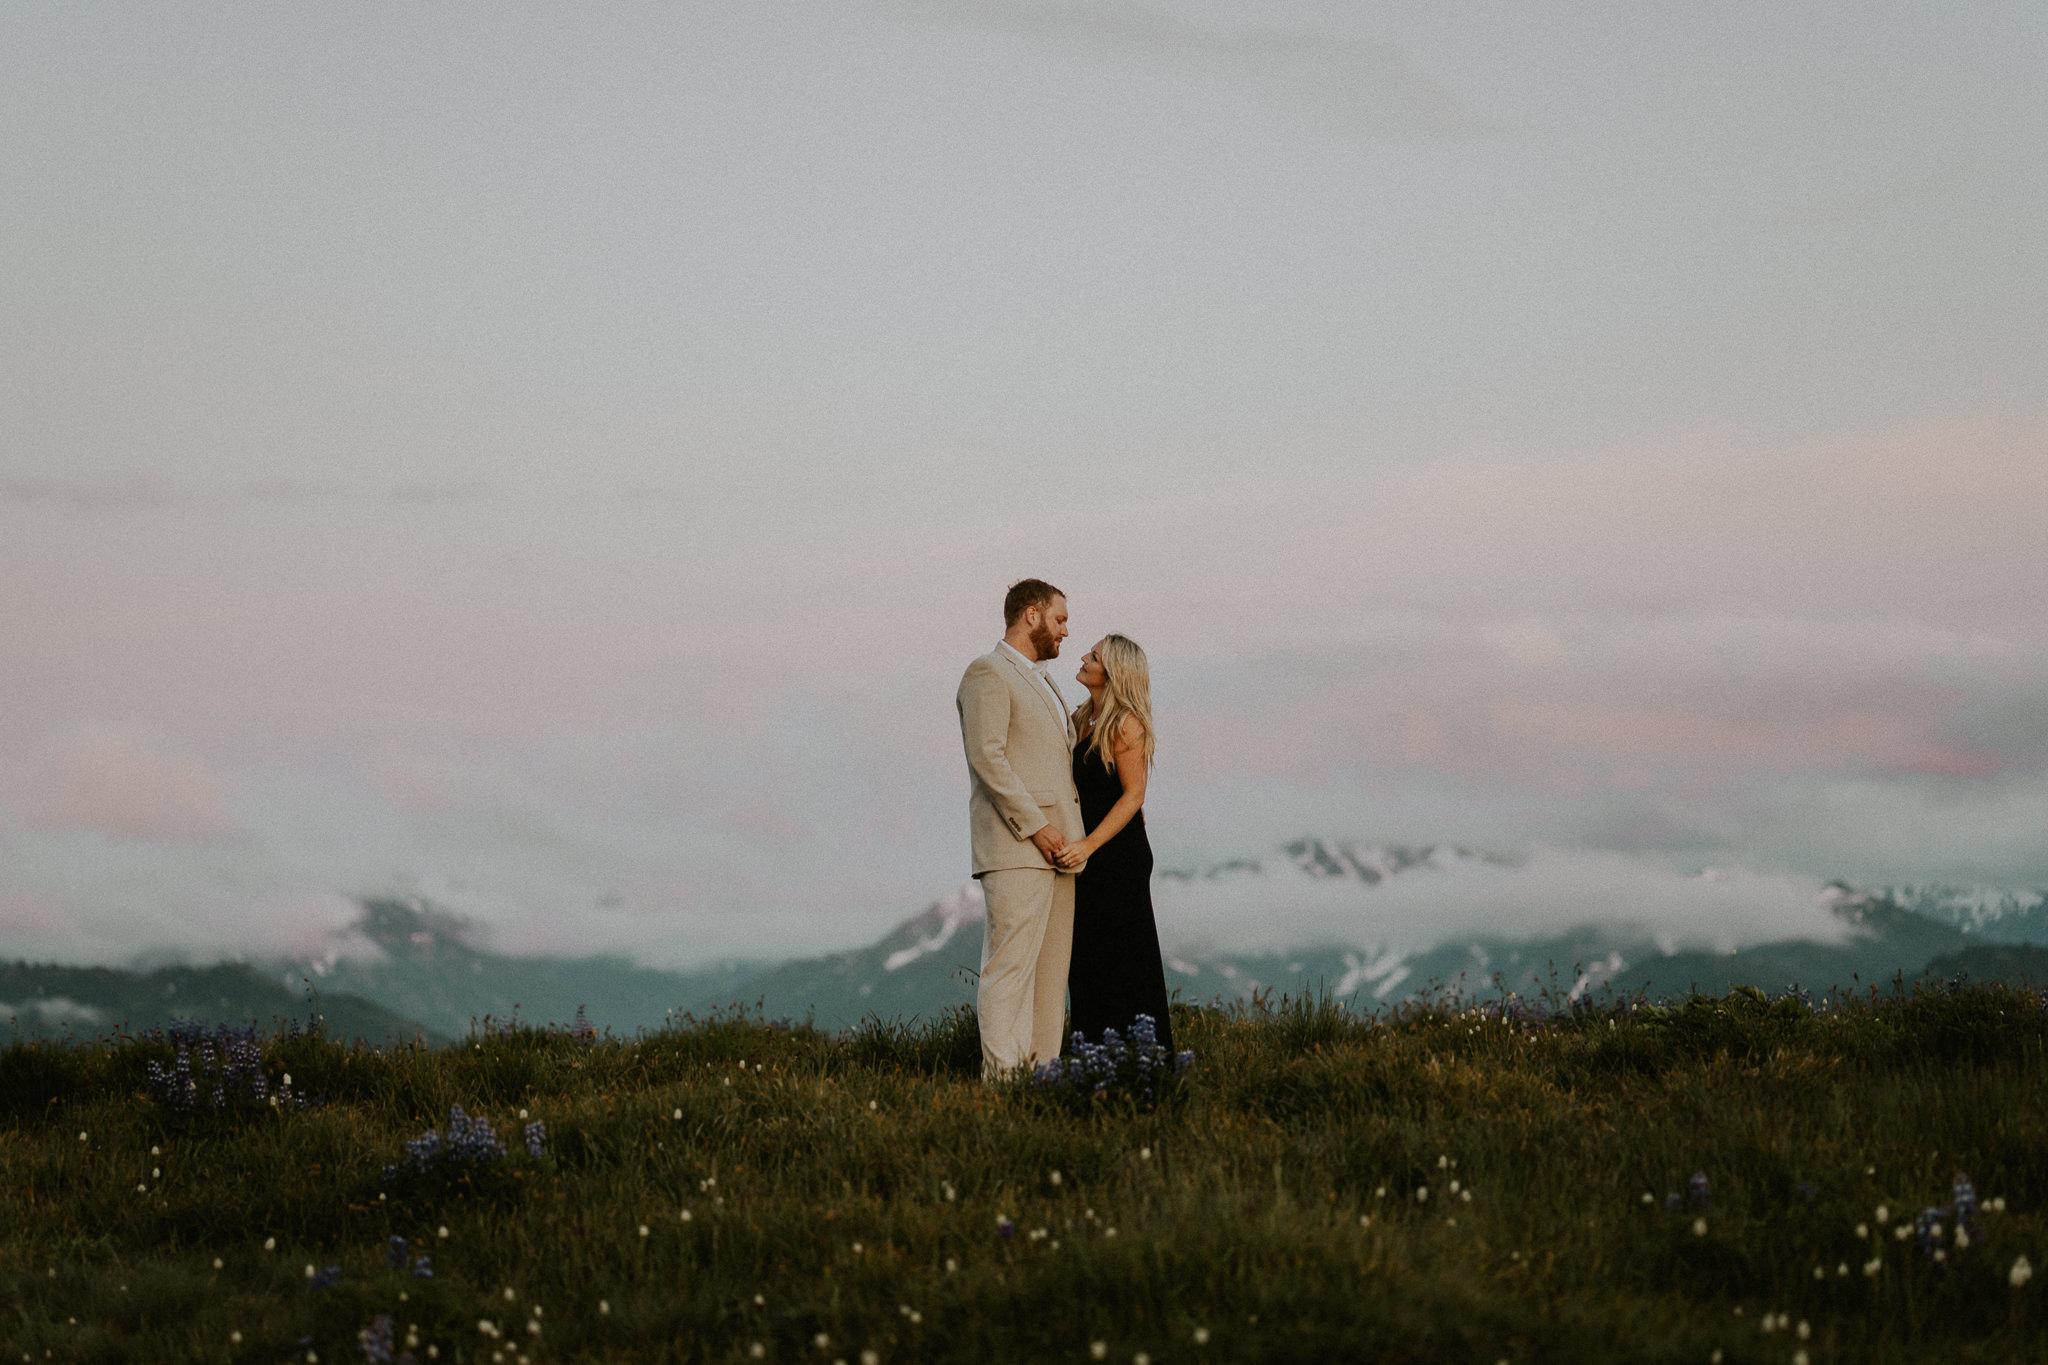 Couple-Engagement-Pose-Seattle-Washington